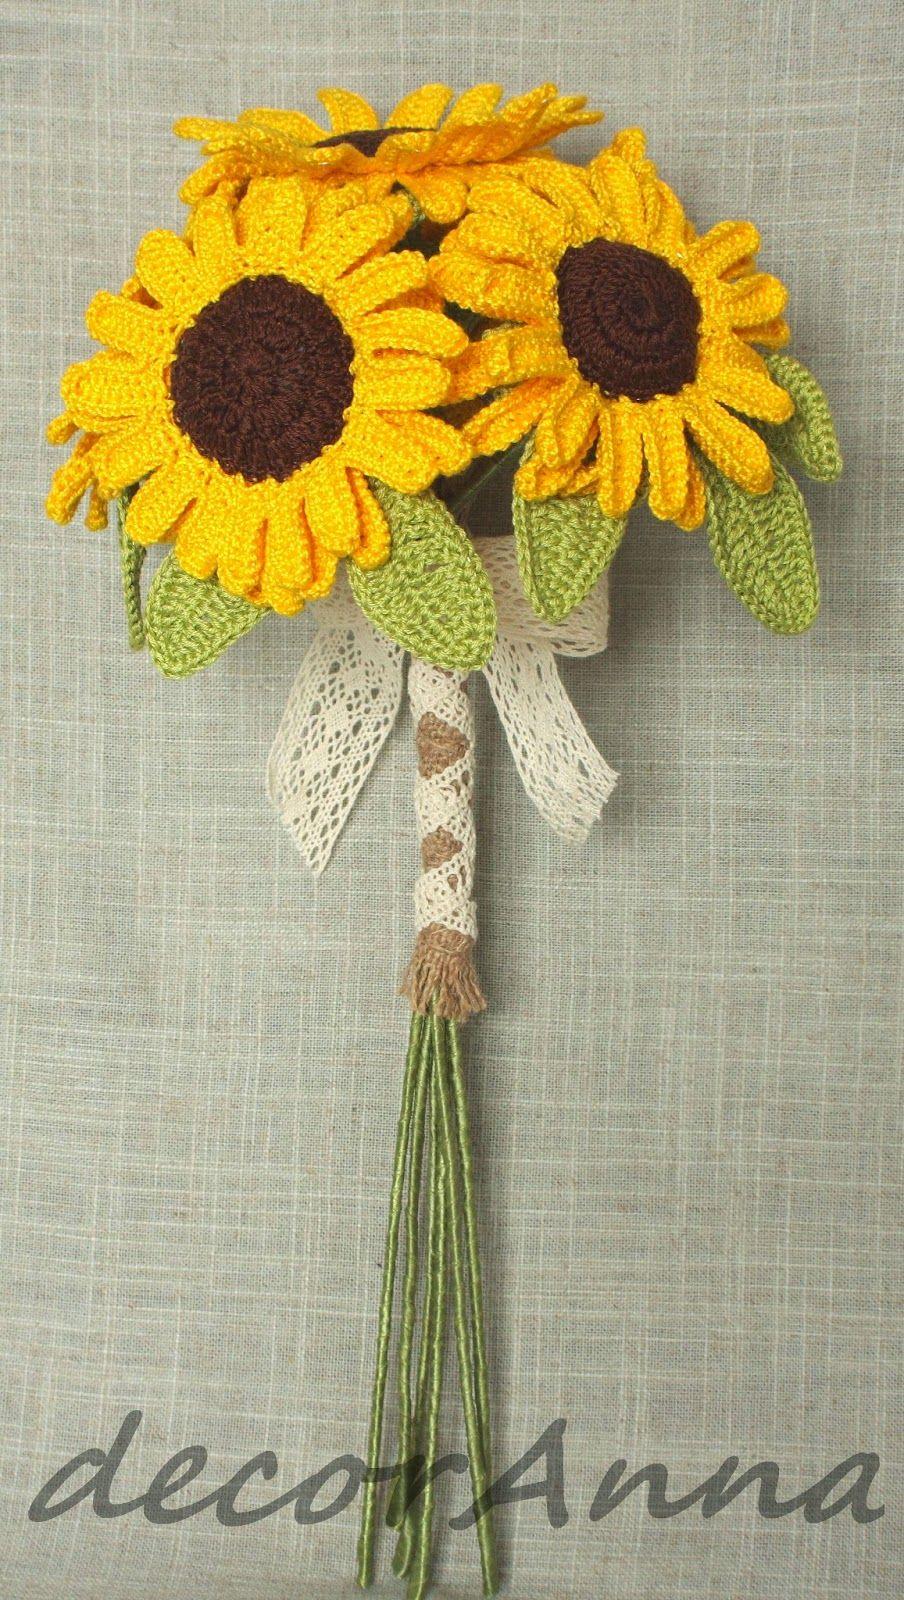 Crochet sunflowers bouquet alternative wedding bouquets crochet crochet sunflowers bouquet izmirmasajfo